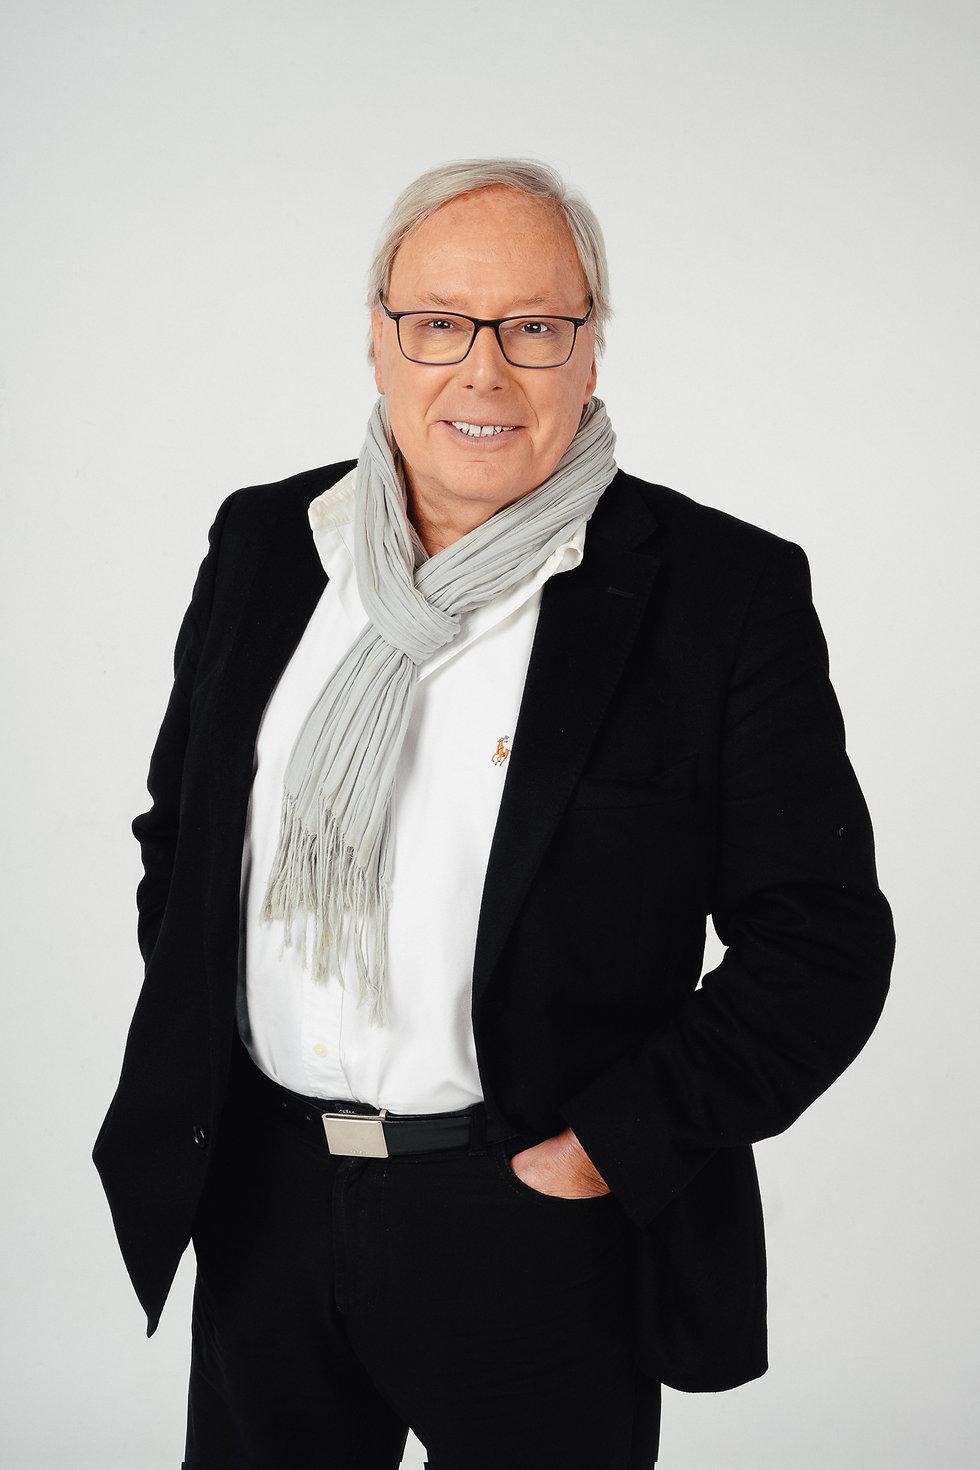 Ernst Pfanzelt Business Portrait